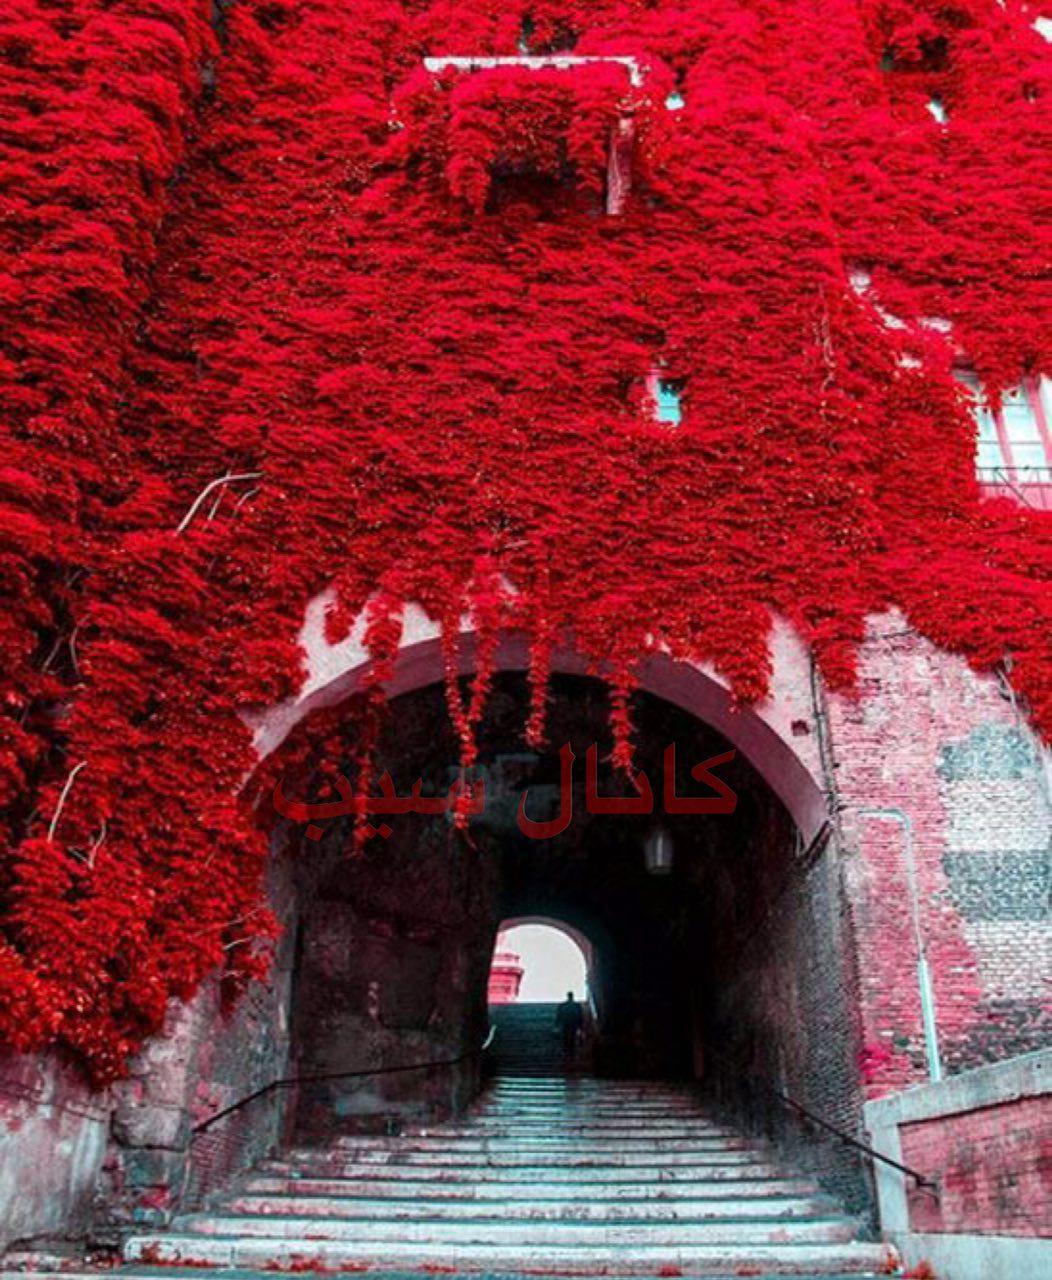 گلهای تزیینی حسن1344